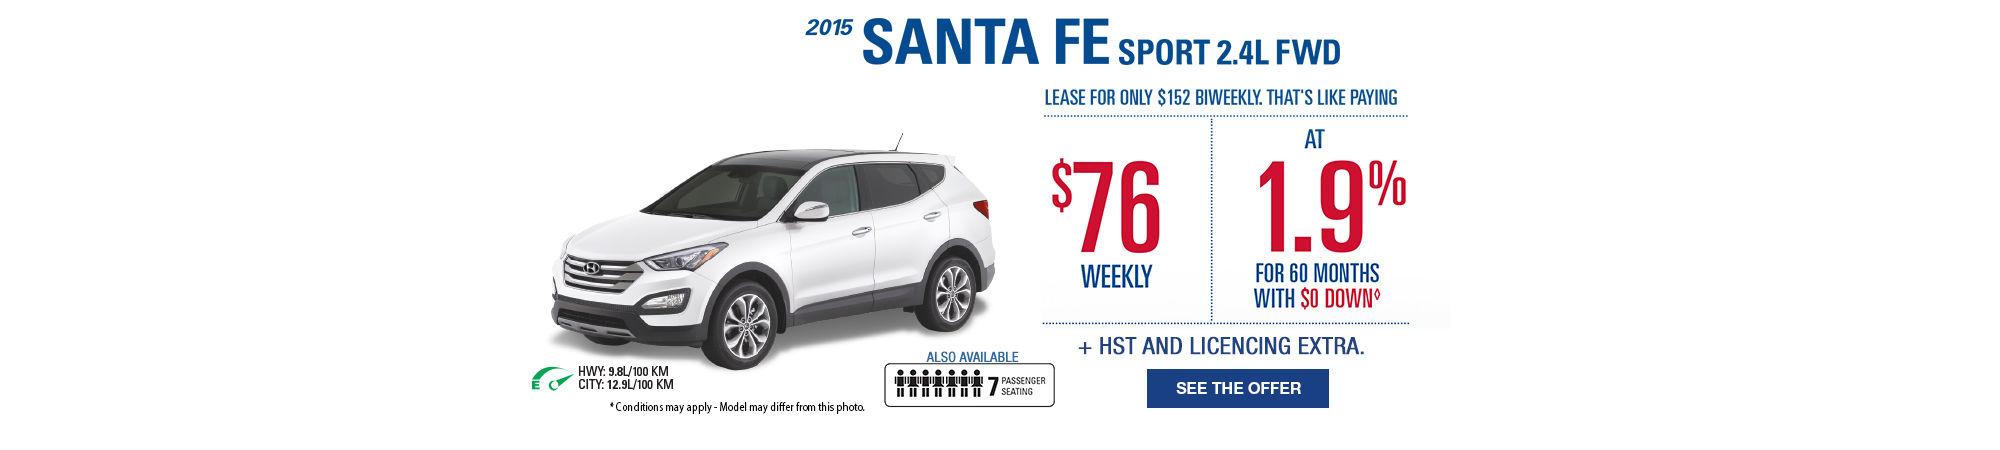 Dealer Invoice Pricing - Santa Fe